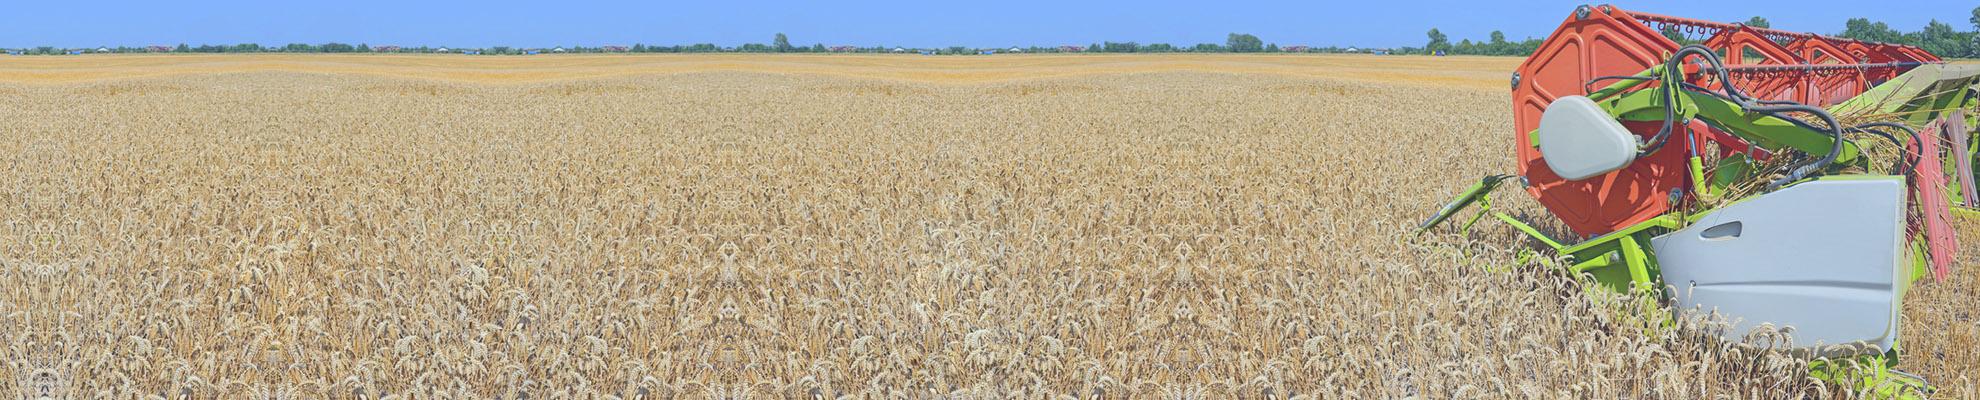 Pojištění zemědělských rizik - hospodářských plodin a zvířat